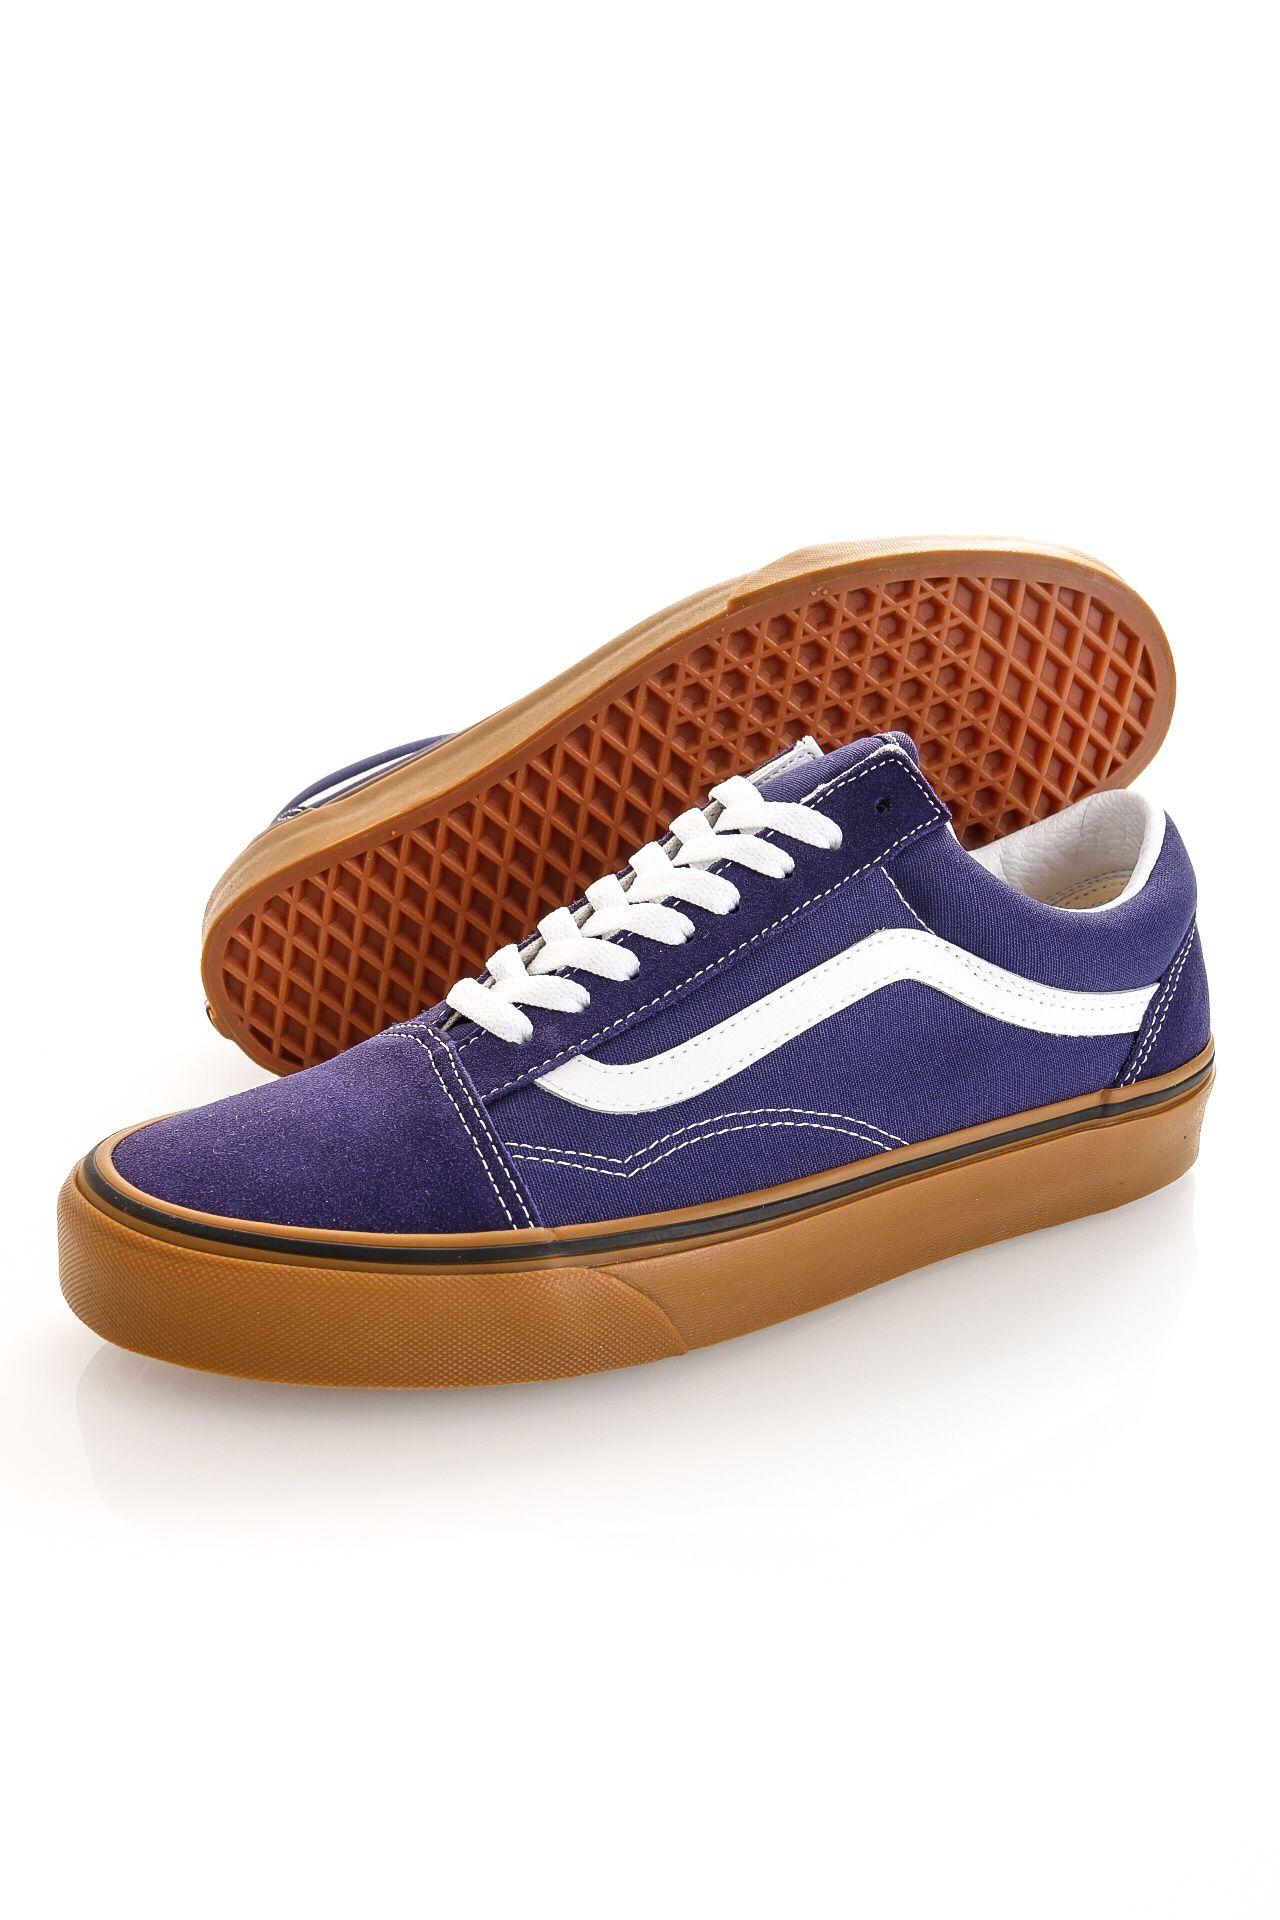 Afbeelding van Vans Sneakers UA Old Skool (GUM) Astral Aura/True White VN0A38G19LZ1